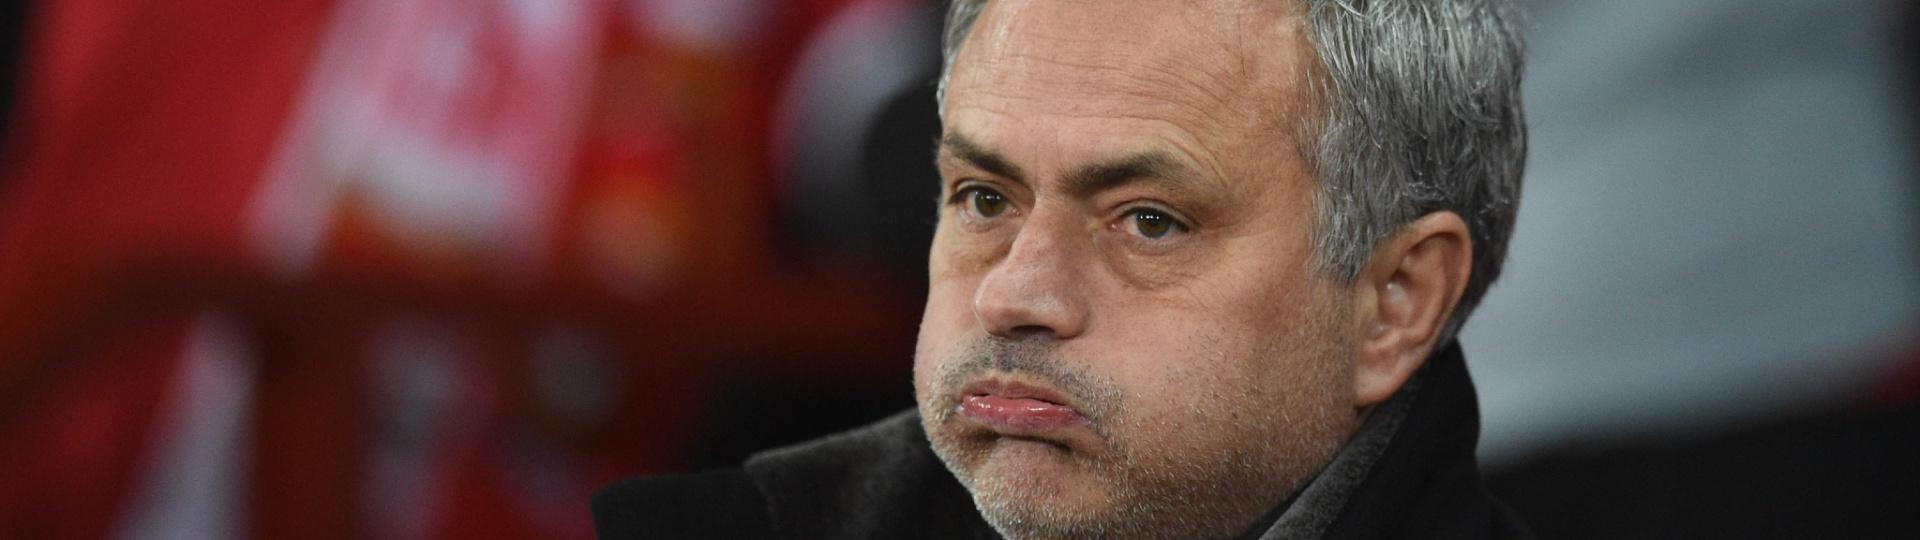 José Mourinho, técnico do Manchester United, na partida contra o Sevilla, pela Liga dos Campeões